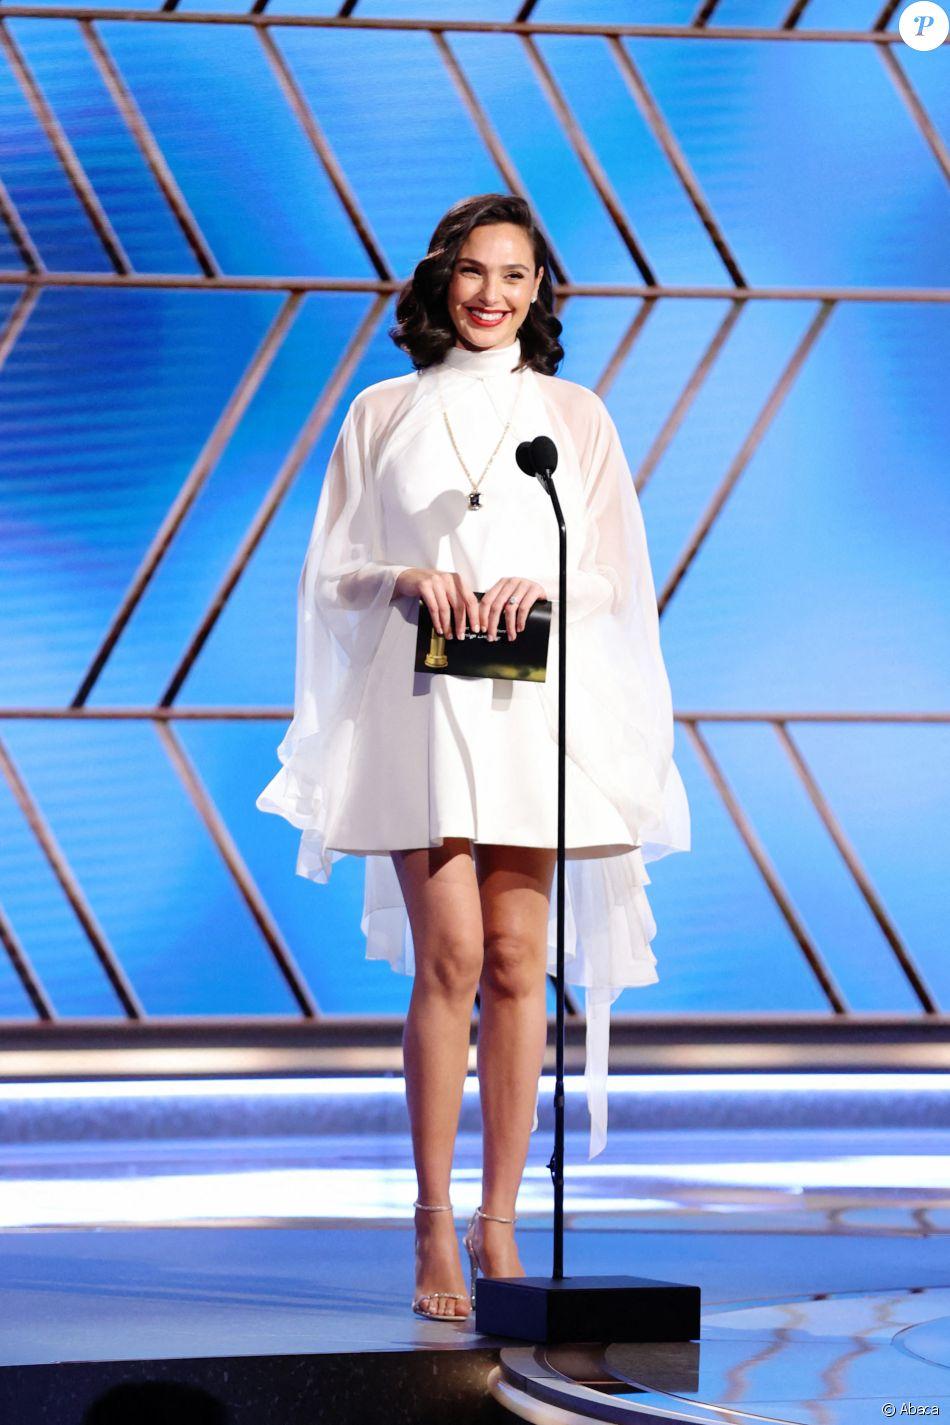 Gal Gadot lors de la 78ème cérémonie des Golden Globes au Rockefeller Center à New York le 28 février 2021.